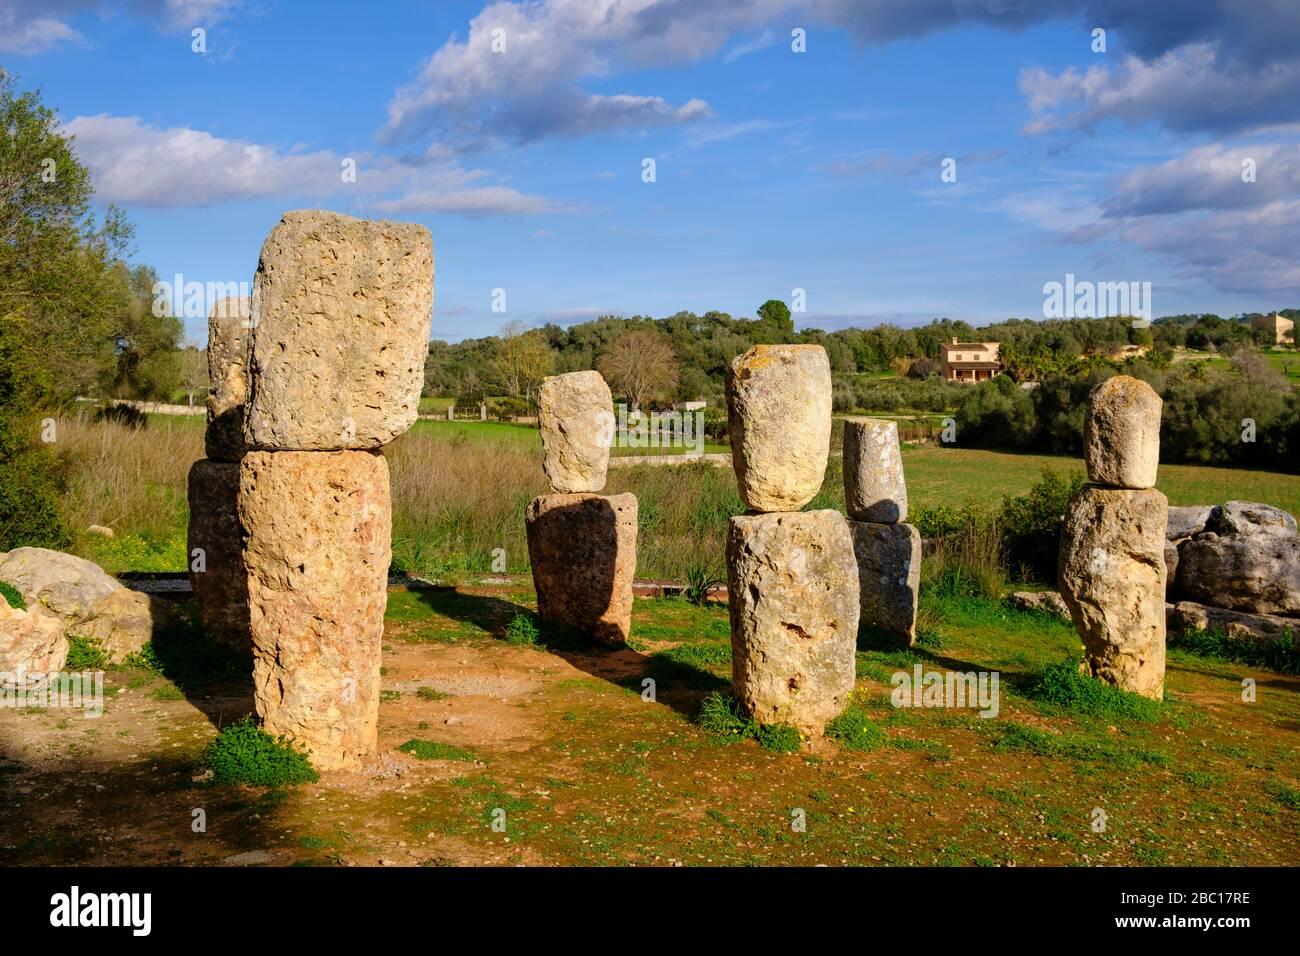 Santuari de Son Corro, Heiligtum der Talayot-Kultur, bei Costitx, Mallorca, Balearen, Spanien Stock Photo